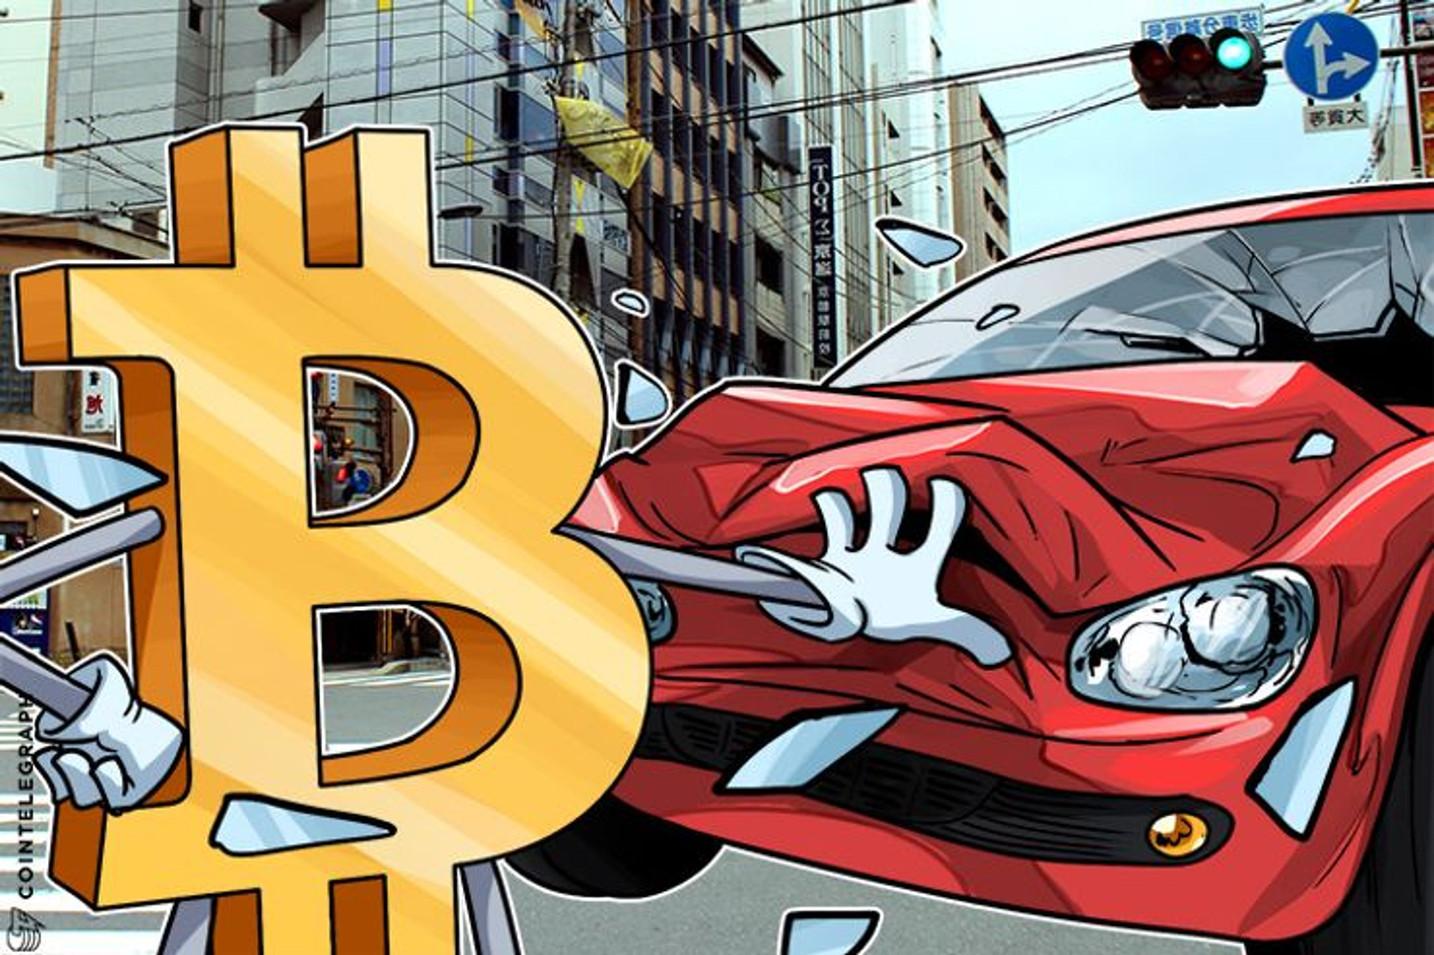 ビットコイン高騰は「できすぎで速すぎ」=ブルームバーグ【仮想通貨相場】